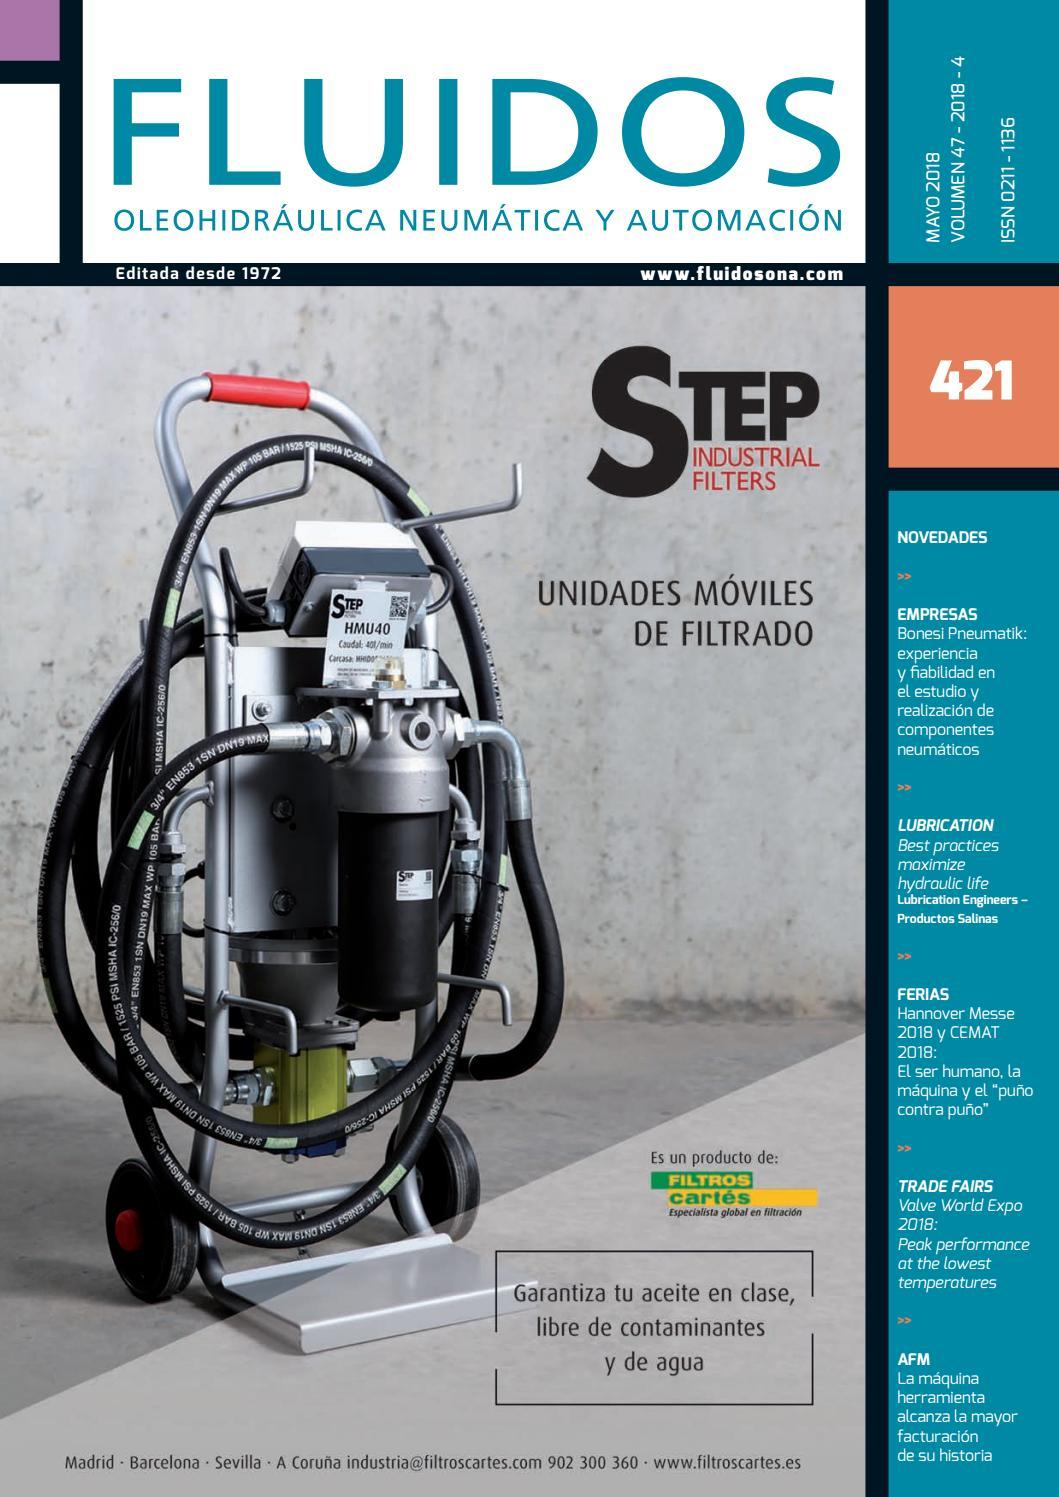 Stauff manómetro mecánicos medición de presión 400 PSI//Bar